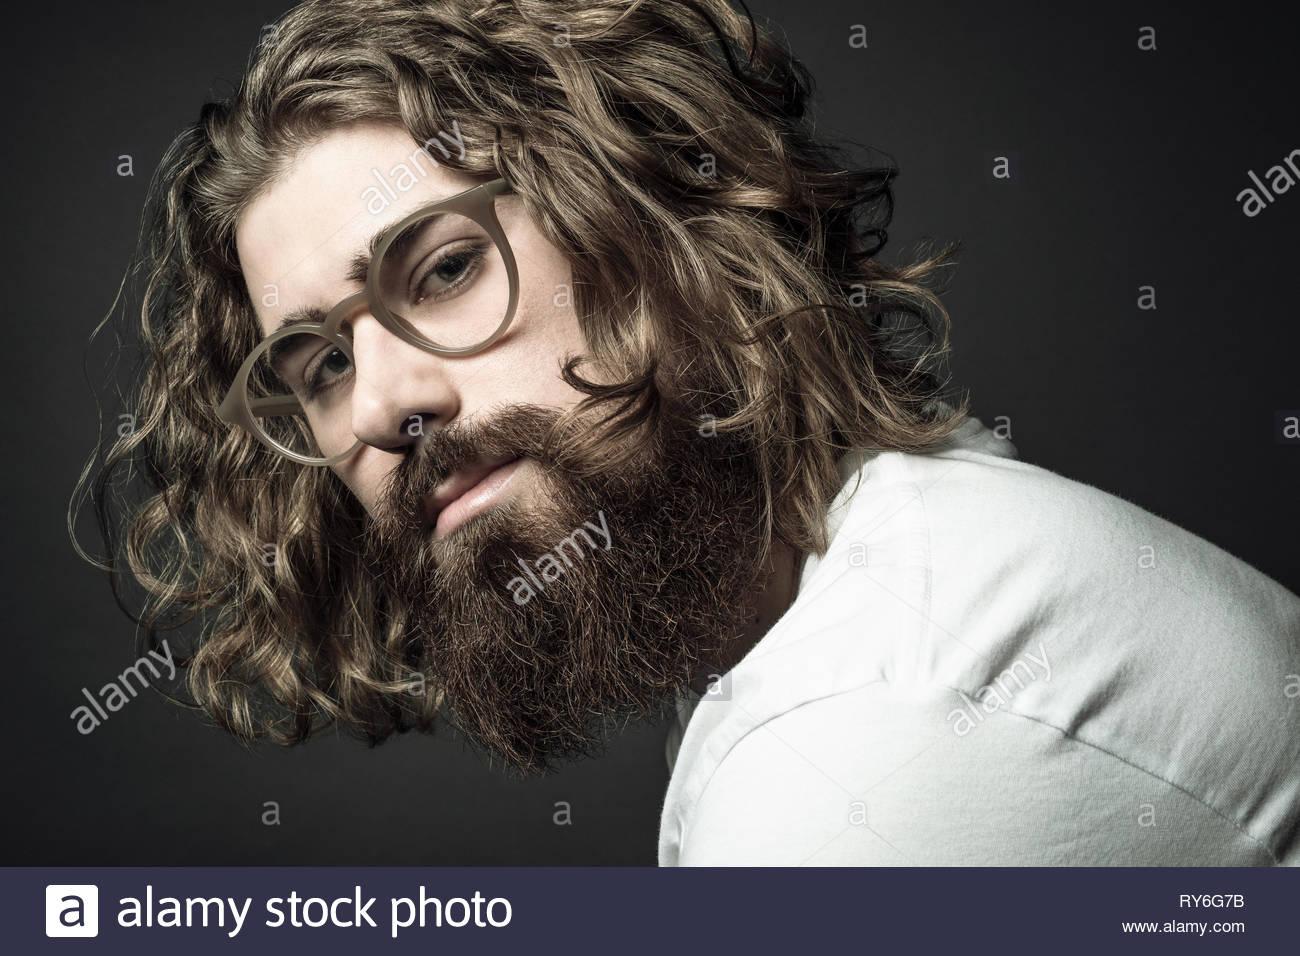 Retrato seguros guapo joven con barba y cabello largo rizado Imagen De Stock